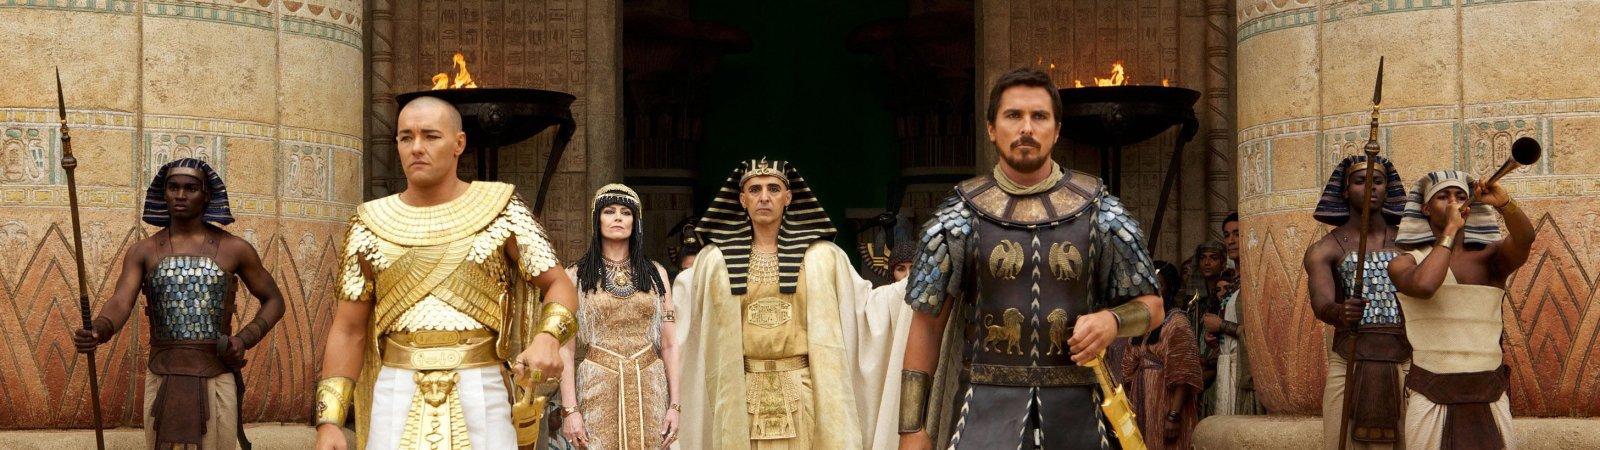 Photo du film : Exodus Gods and Kings